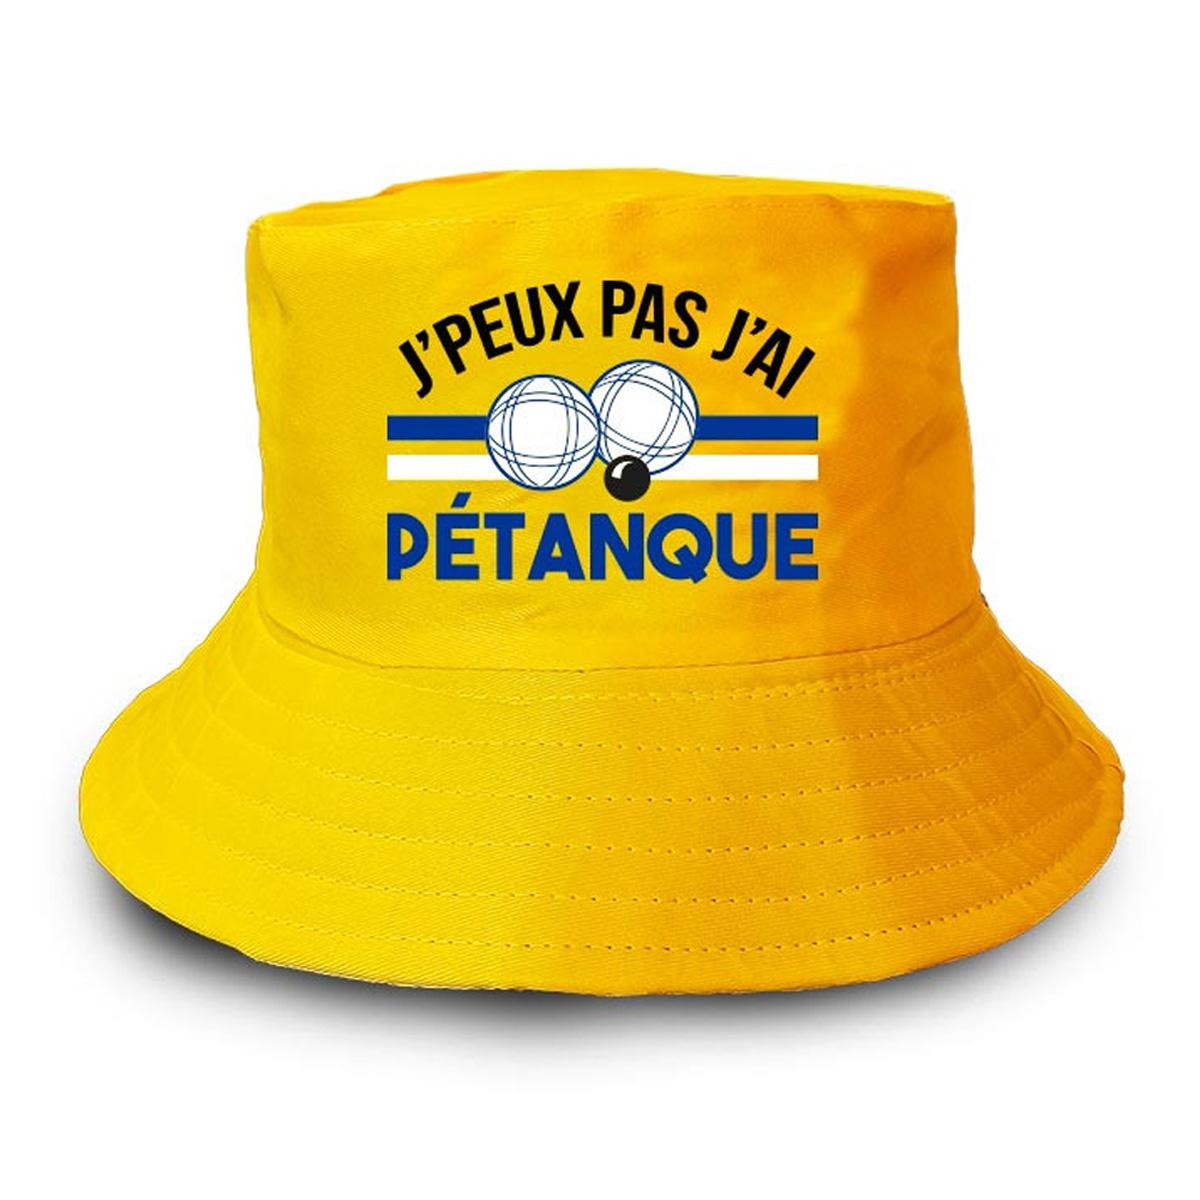 Bob humoristique \'Pétanque\' jaune (J\'peux pas, j\'ai pétanque) - taille unique - [A2209]